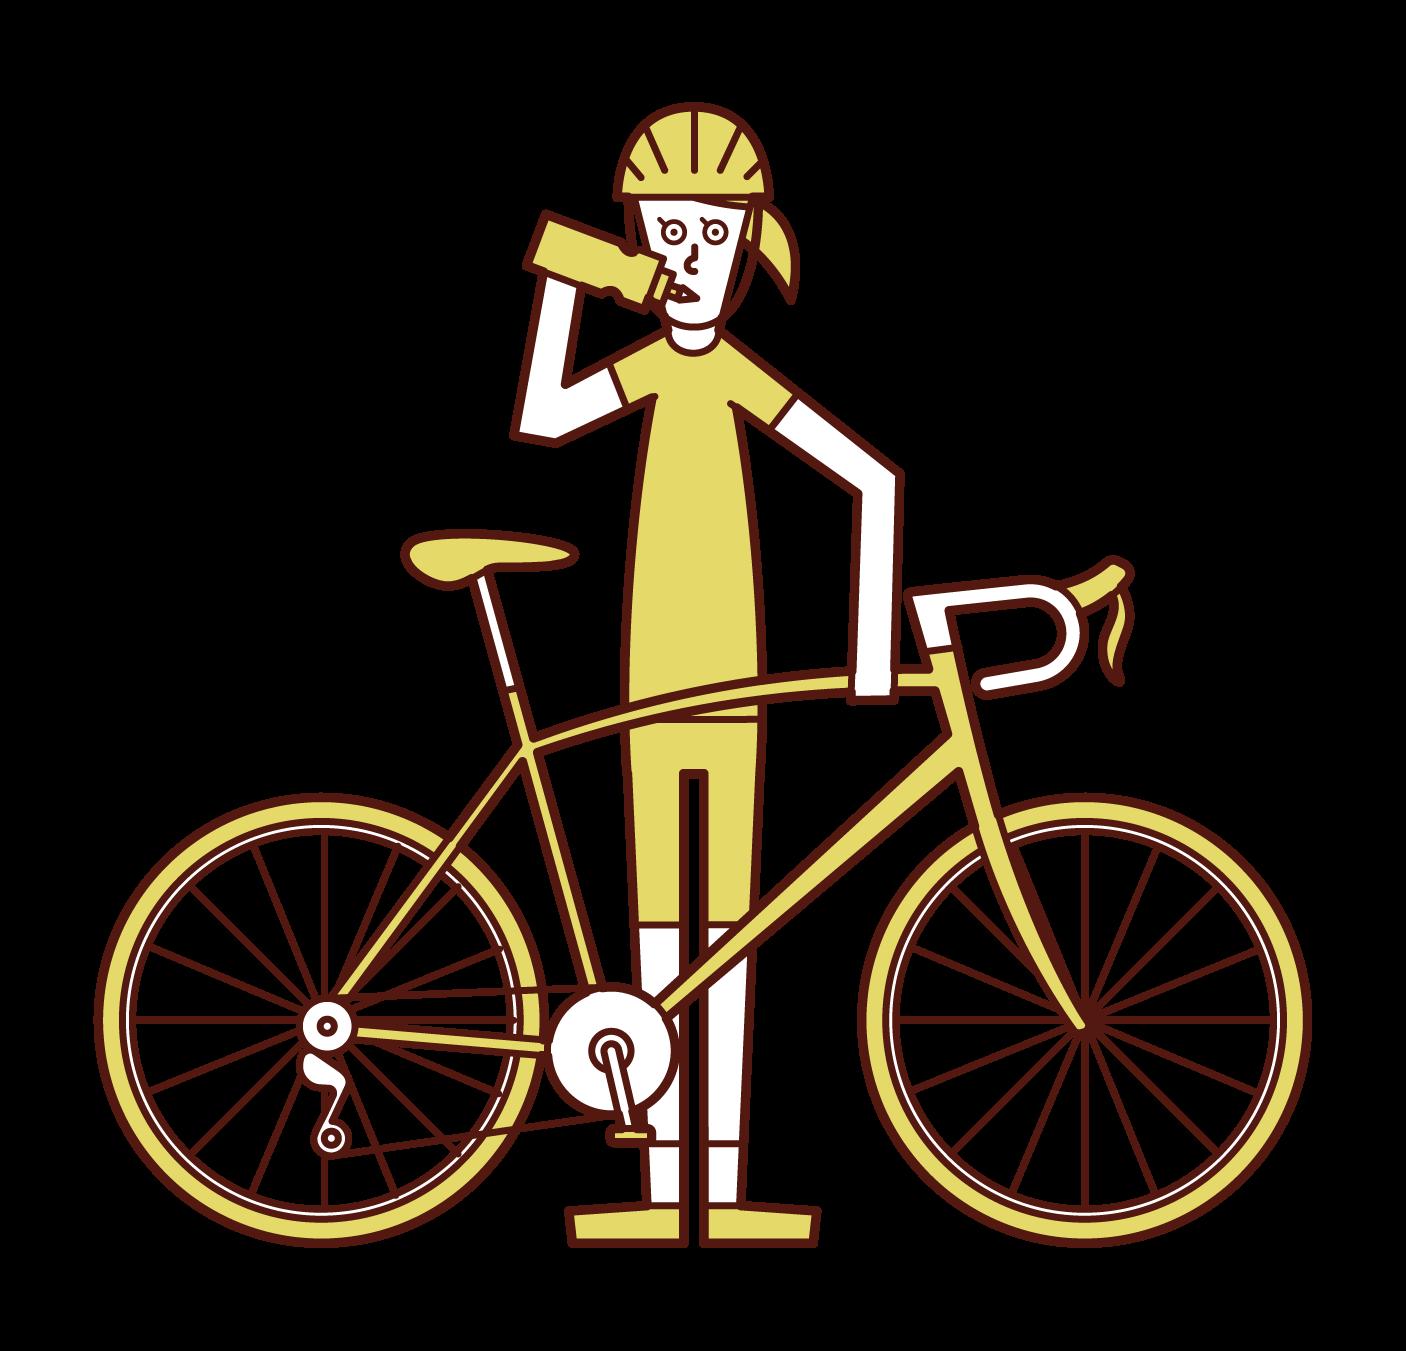 水分補給をする自転車乗り(女性)のイラスト